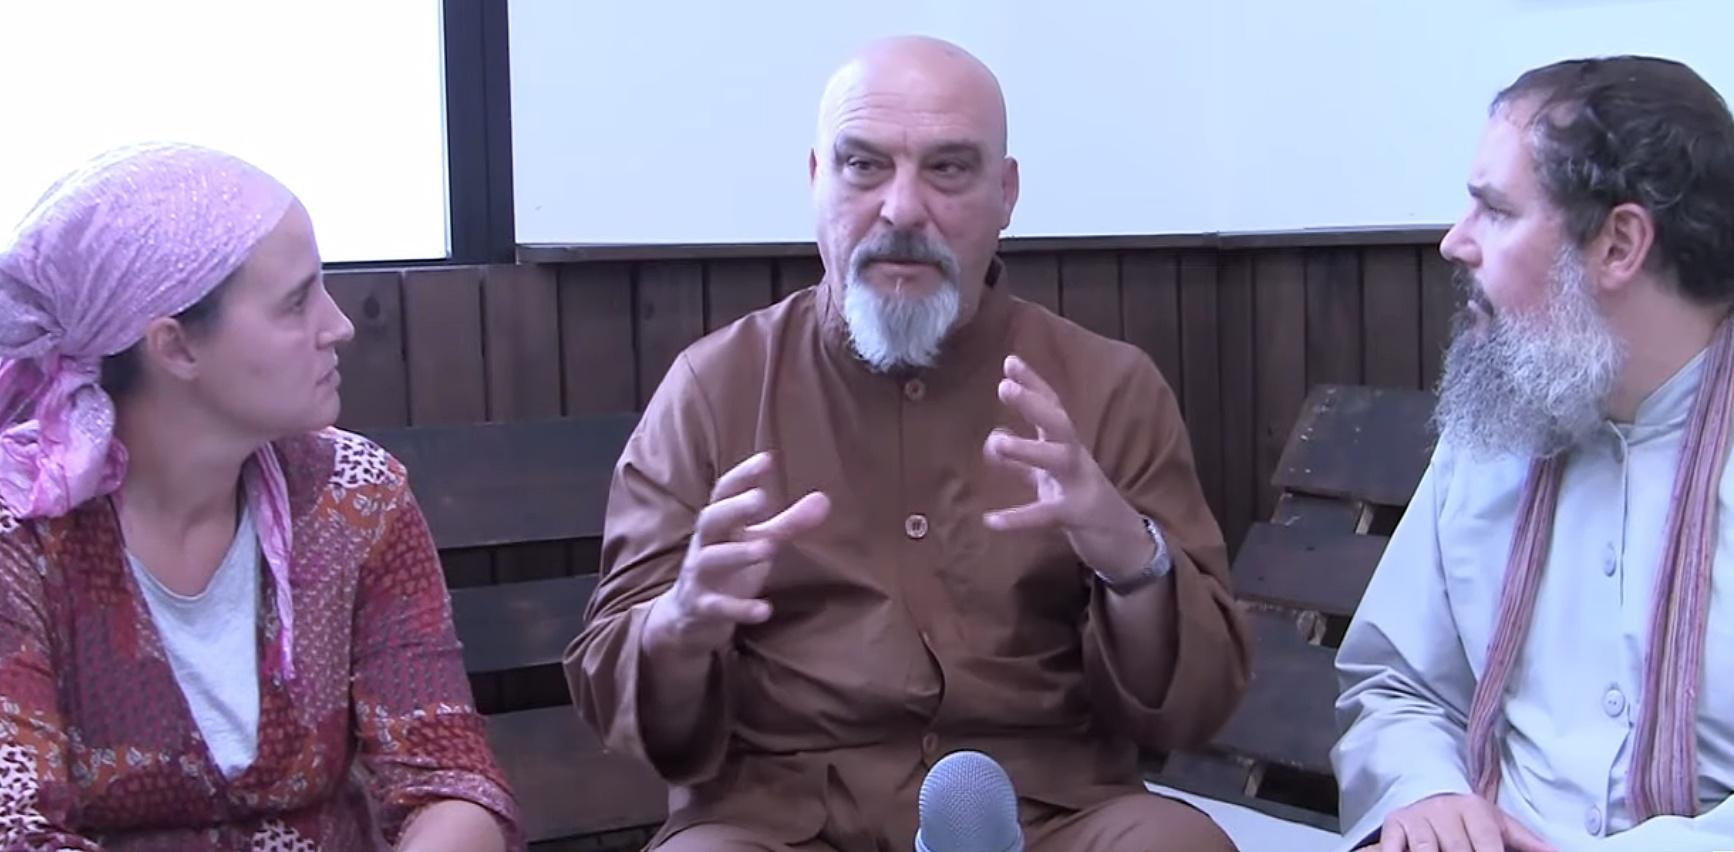 Sufismo y budismo: un solo corazón